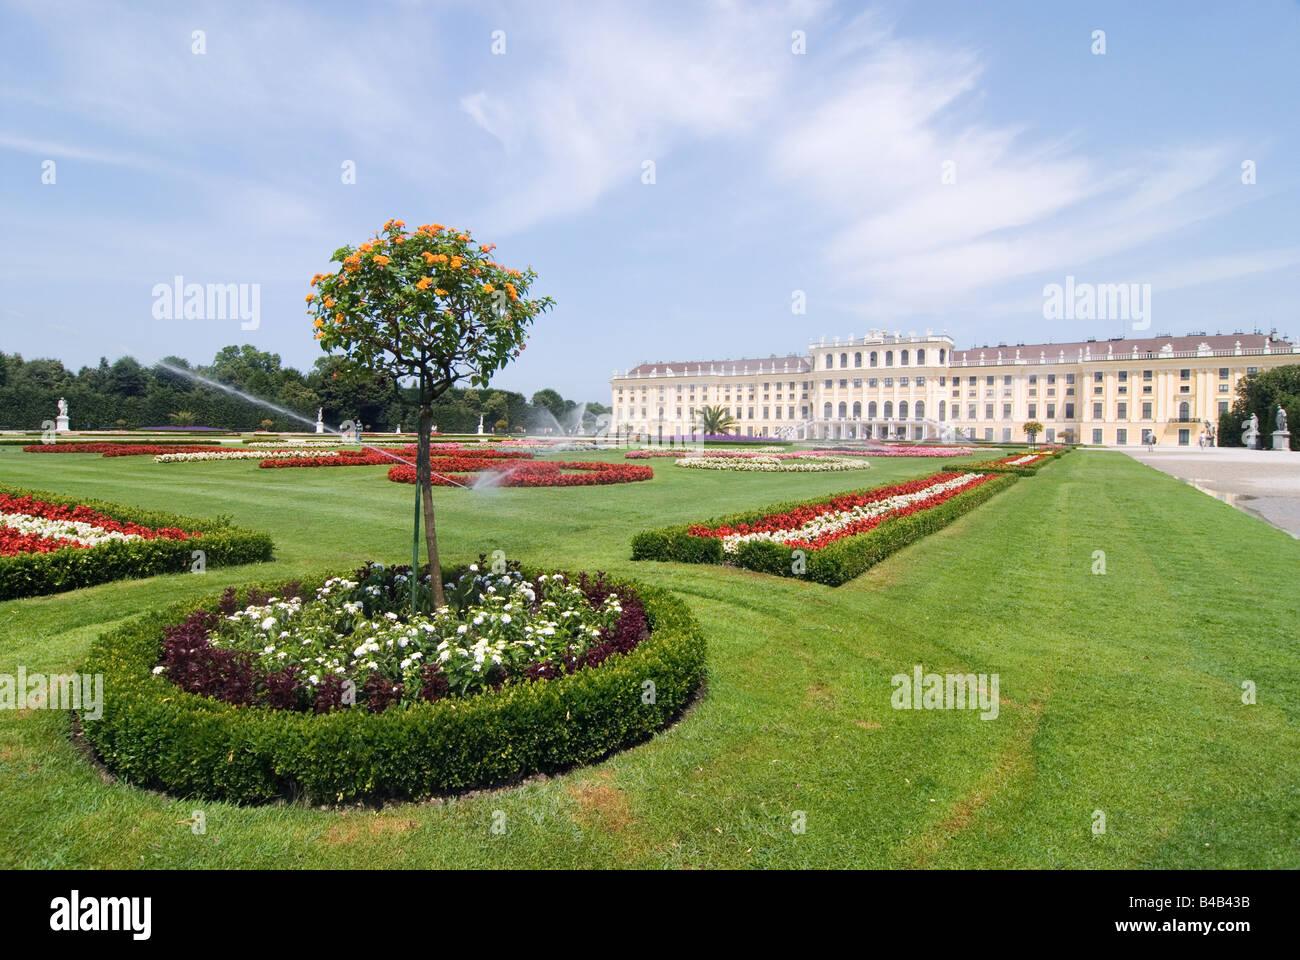 Park Schloss Schönbrunn in Vienna Austria - Stock Image